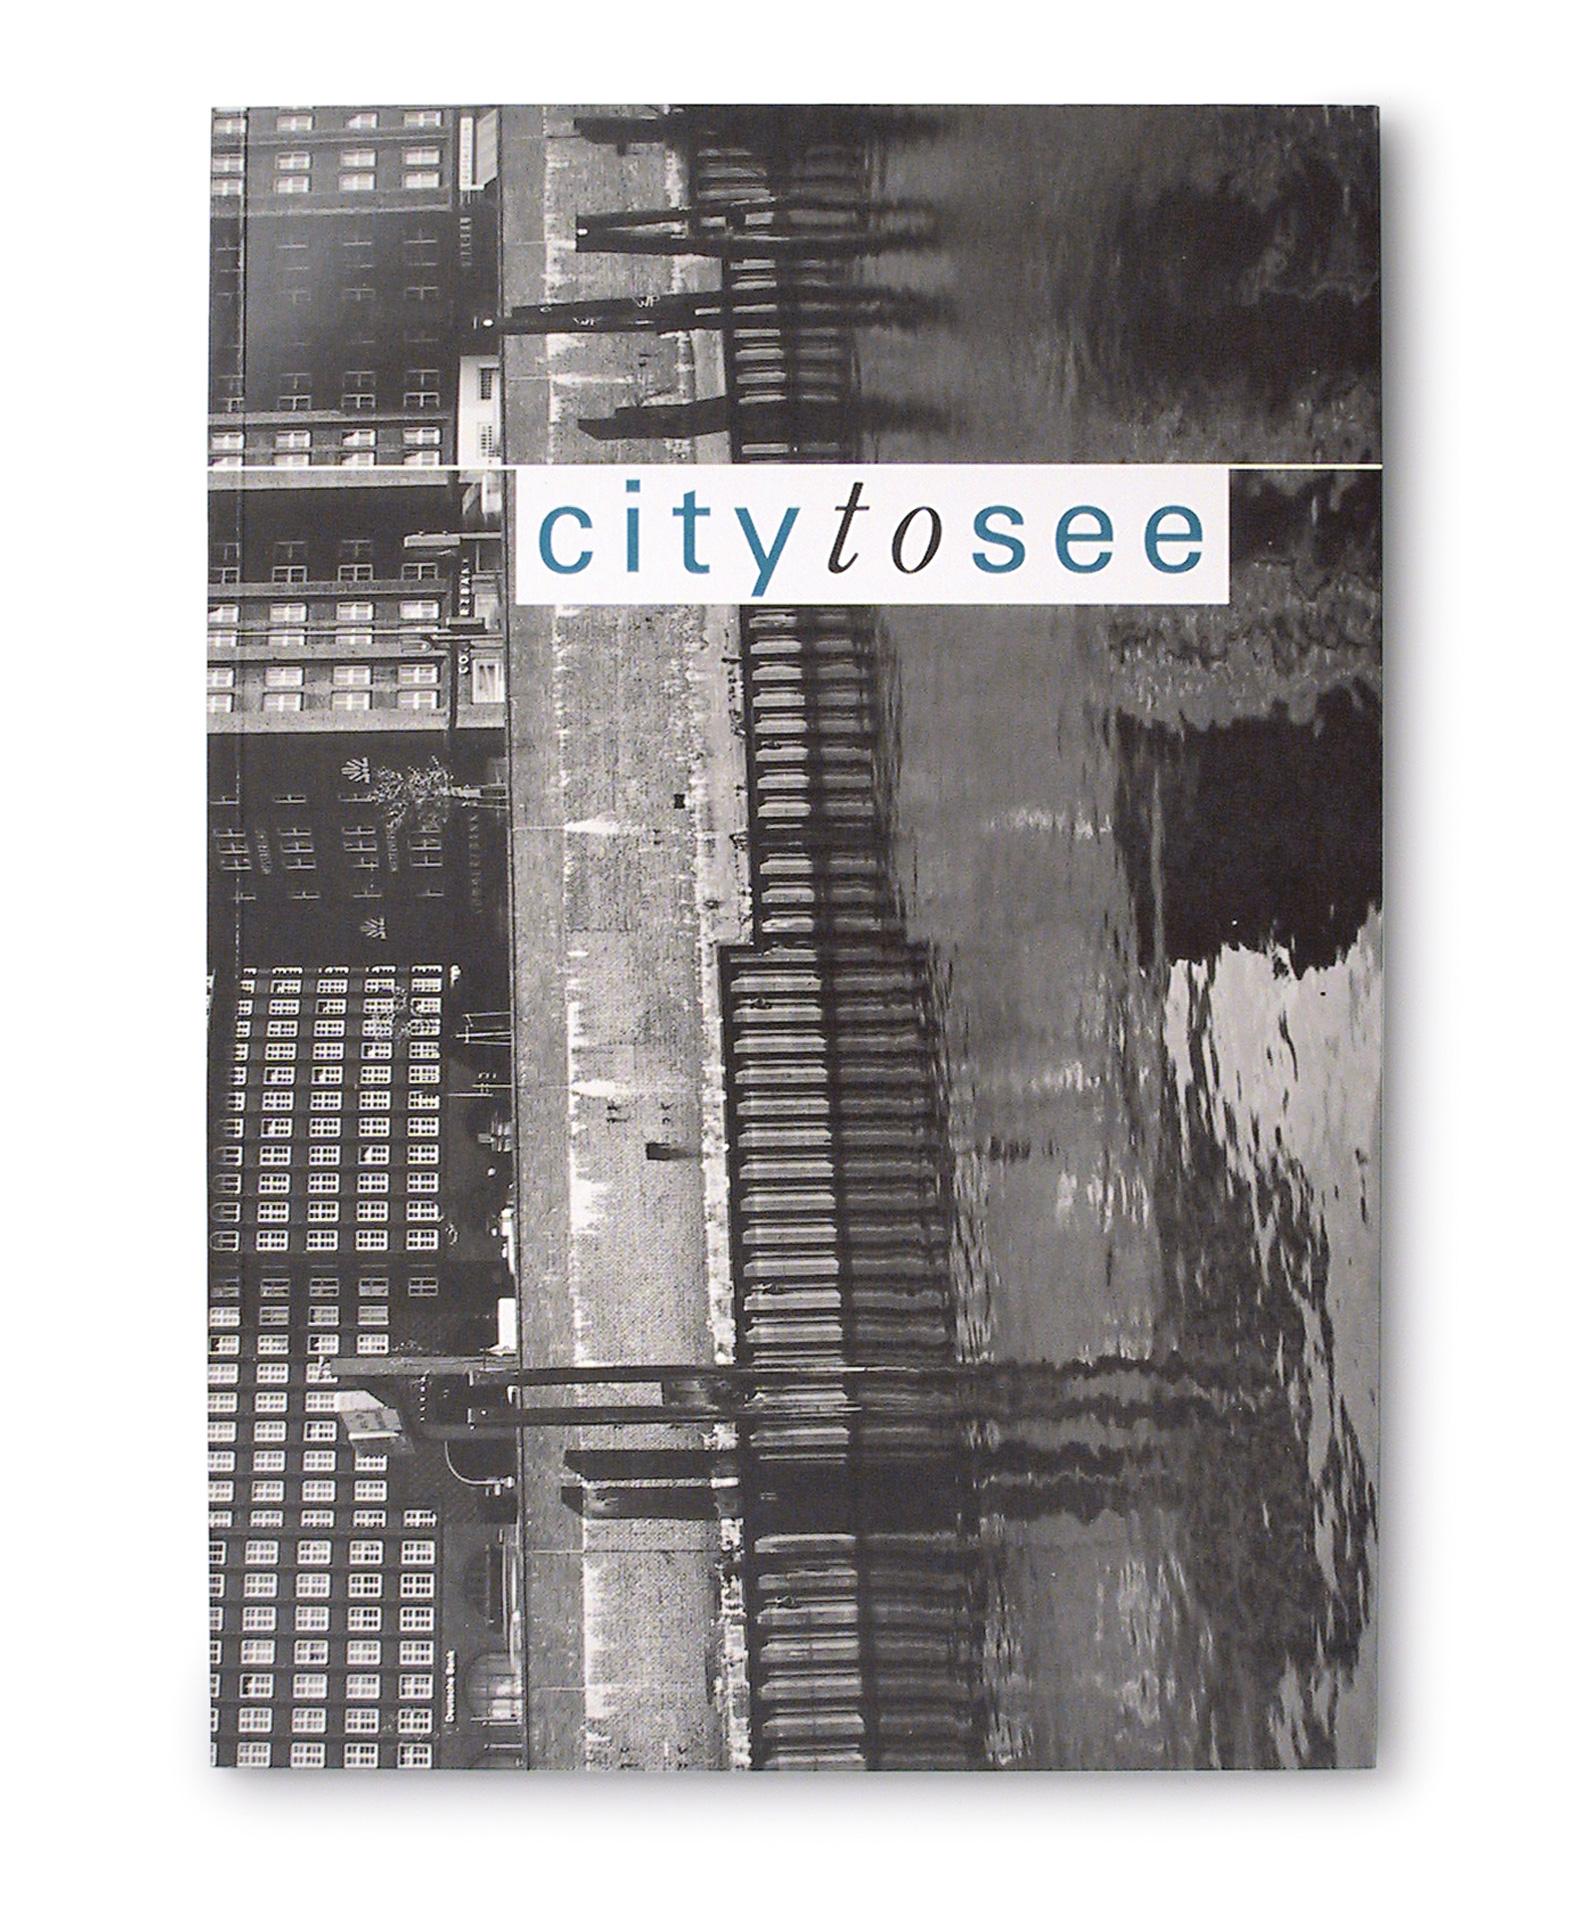 1998_Citytosee